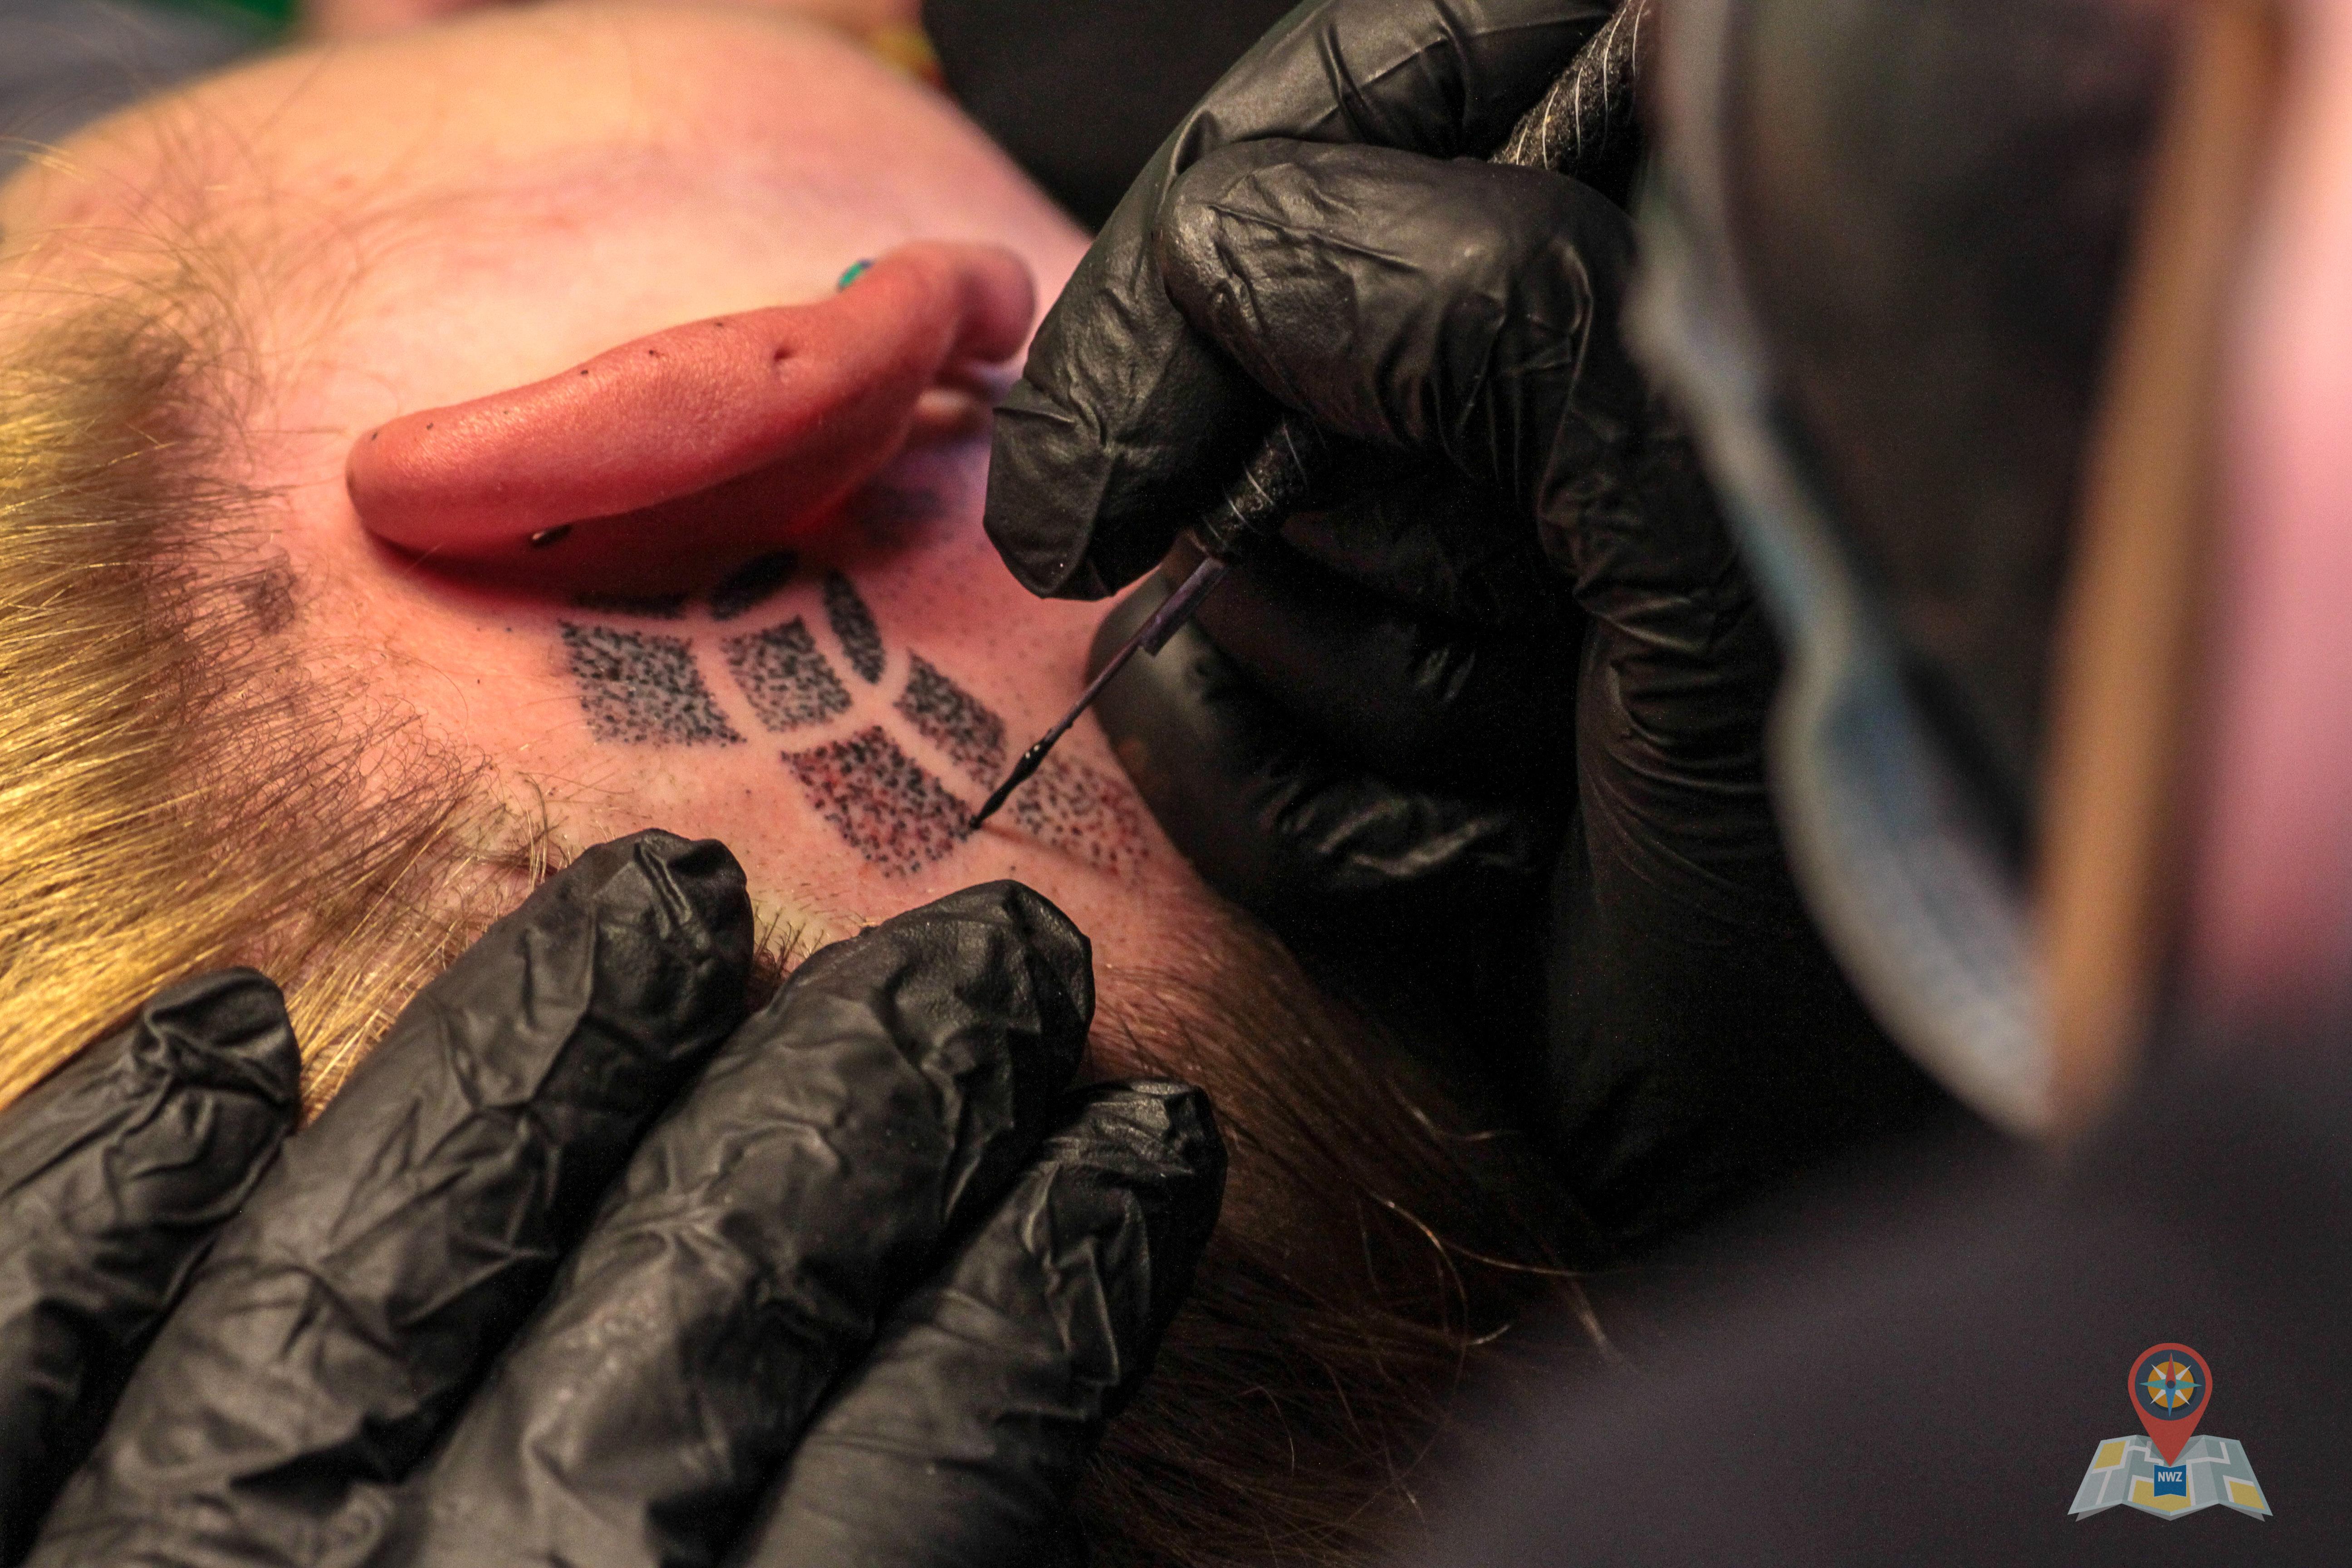 Hand Poked Tattoos Kunstwerke Mit Einer Nadel Klarnordisch Das